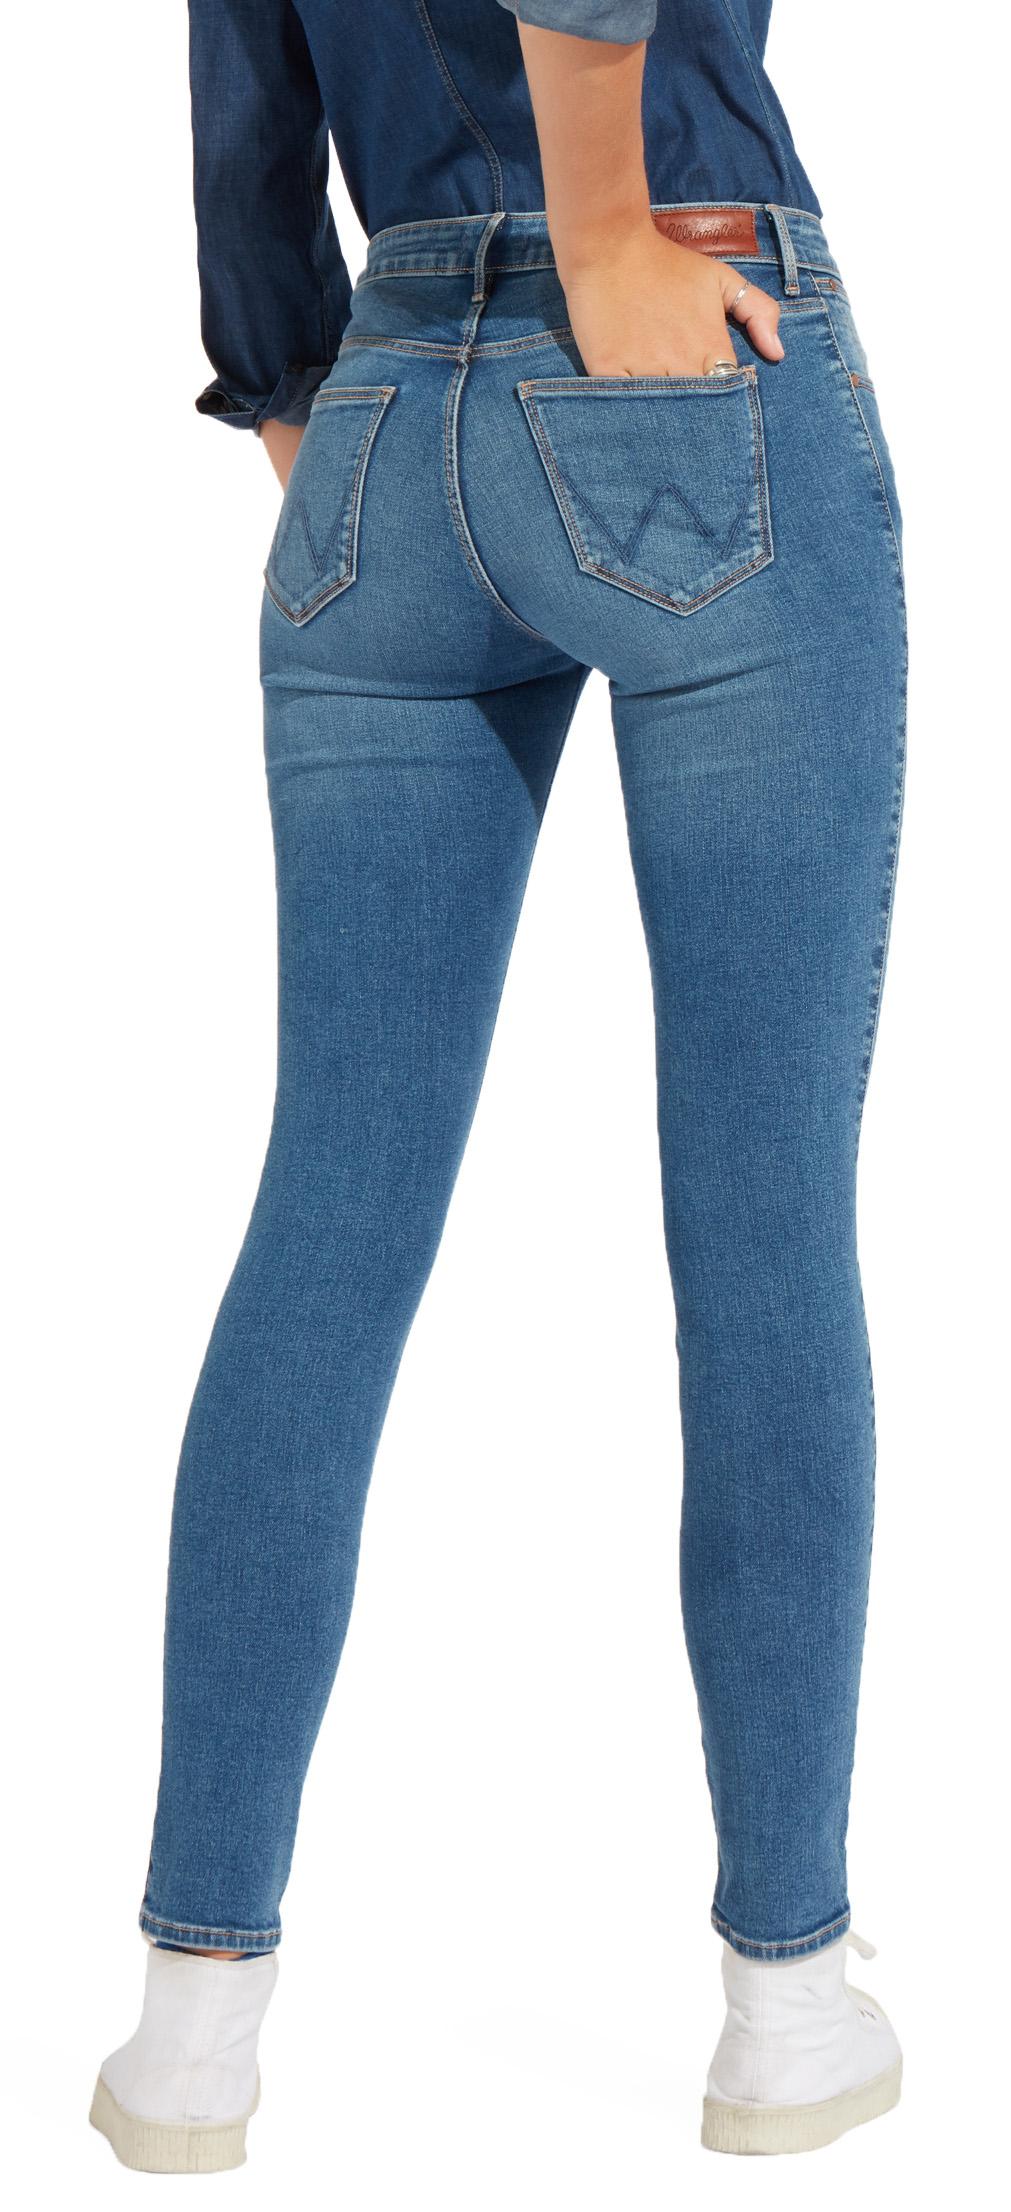 Wrangler Alta Rise Skinny Jeans Para Mujeres Damas Perfecto Flex Stretch Azul Denim Ebay